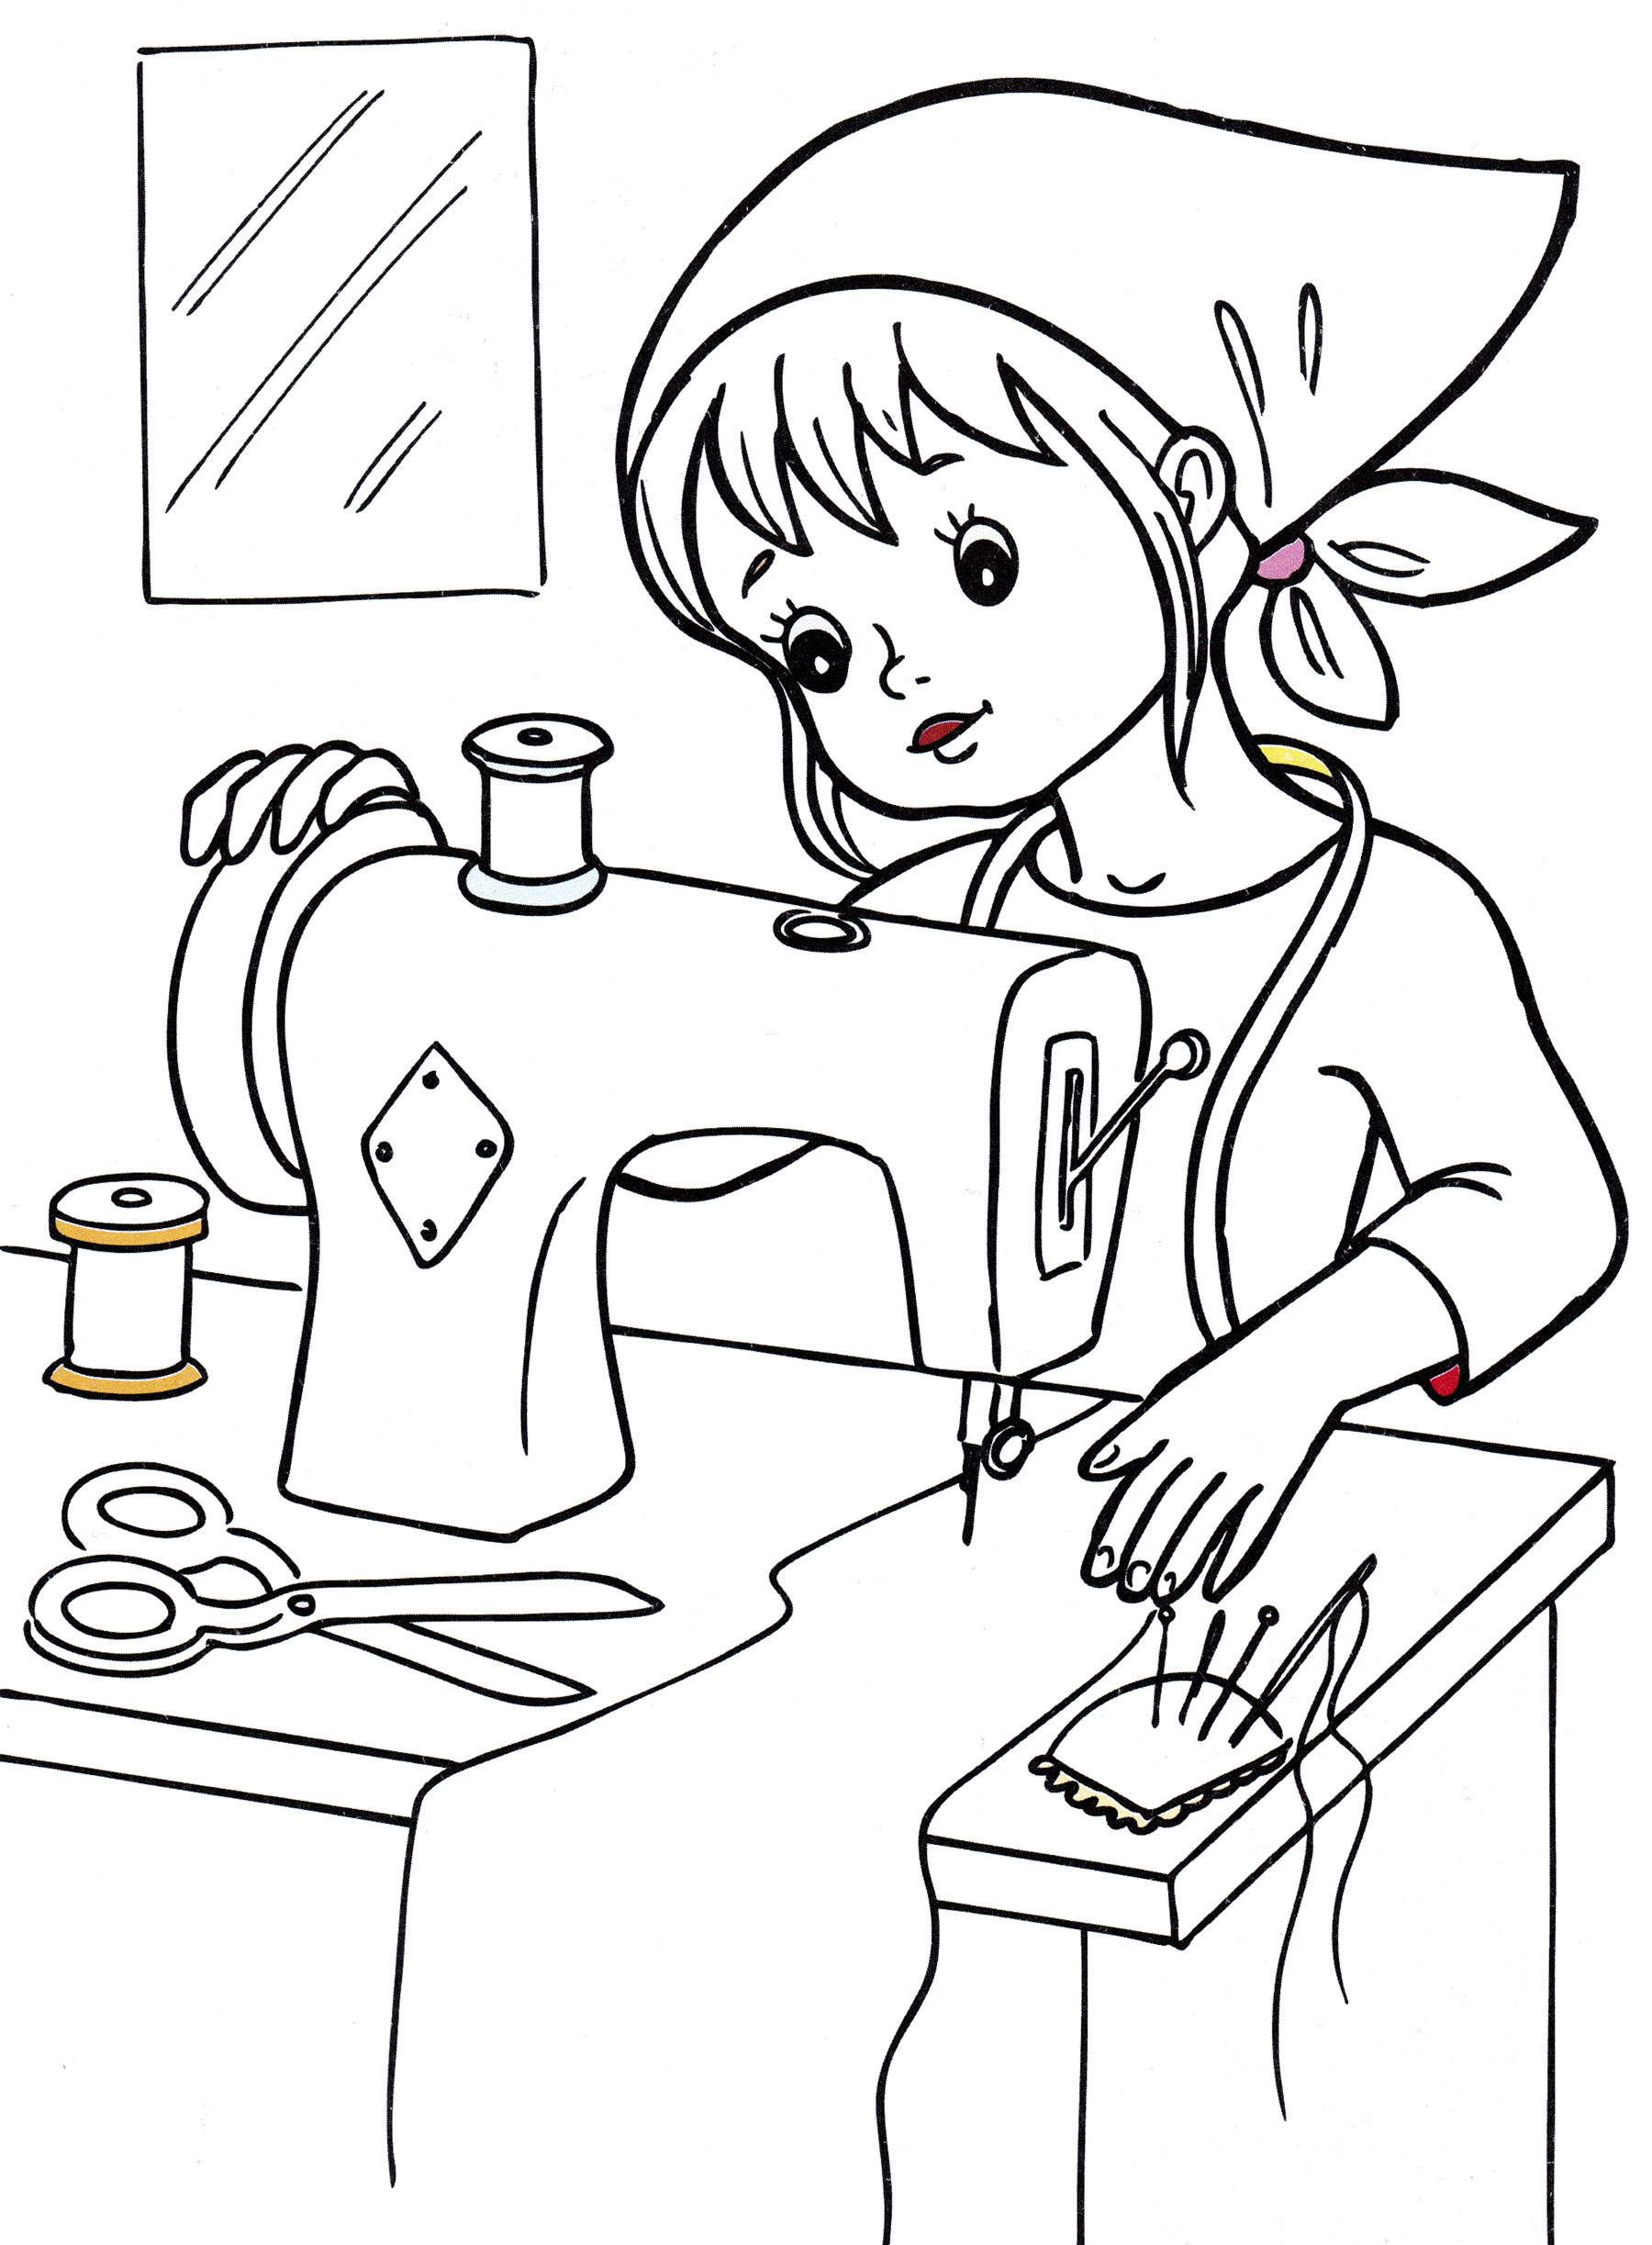 Раскраска Швея | Раскраски Профессии